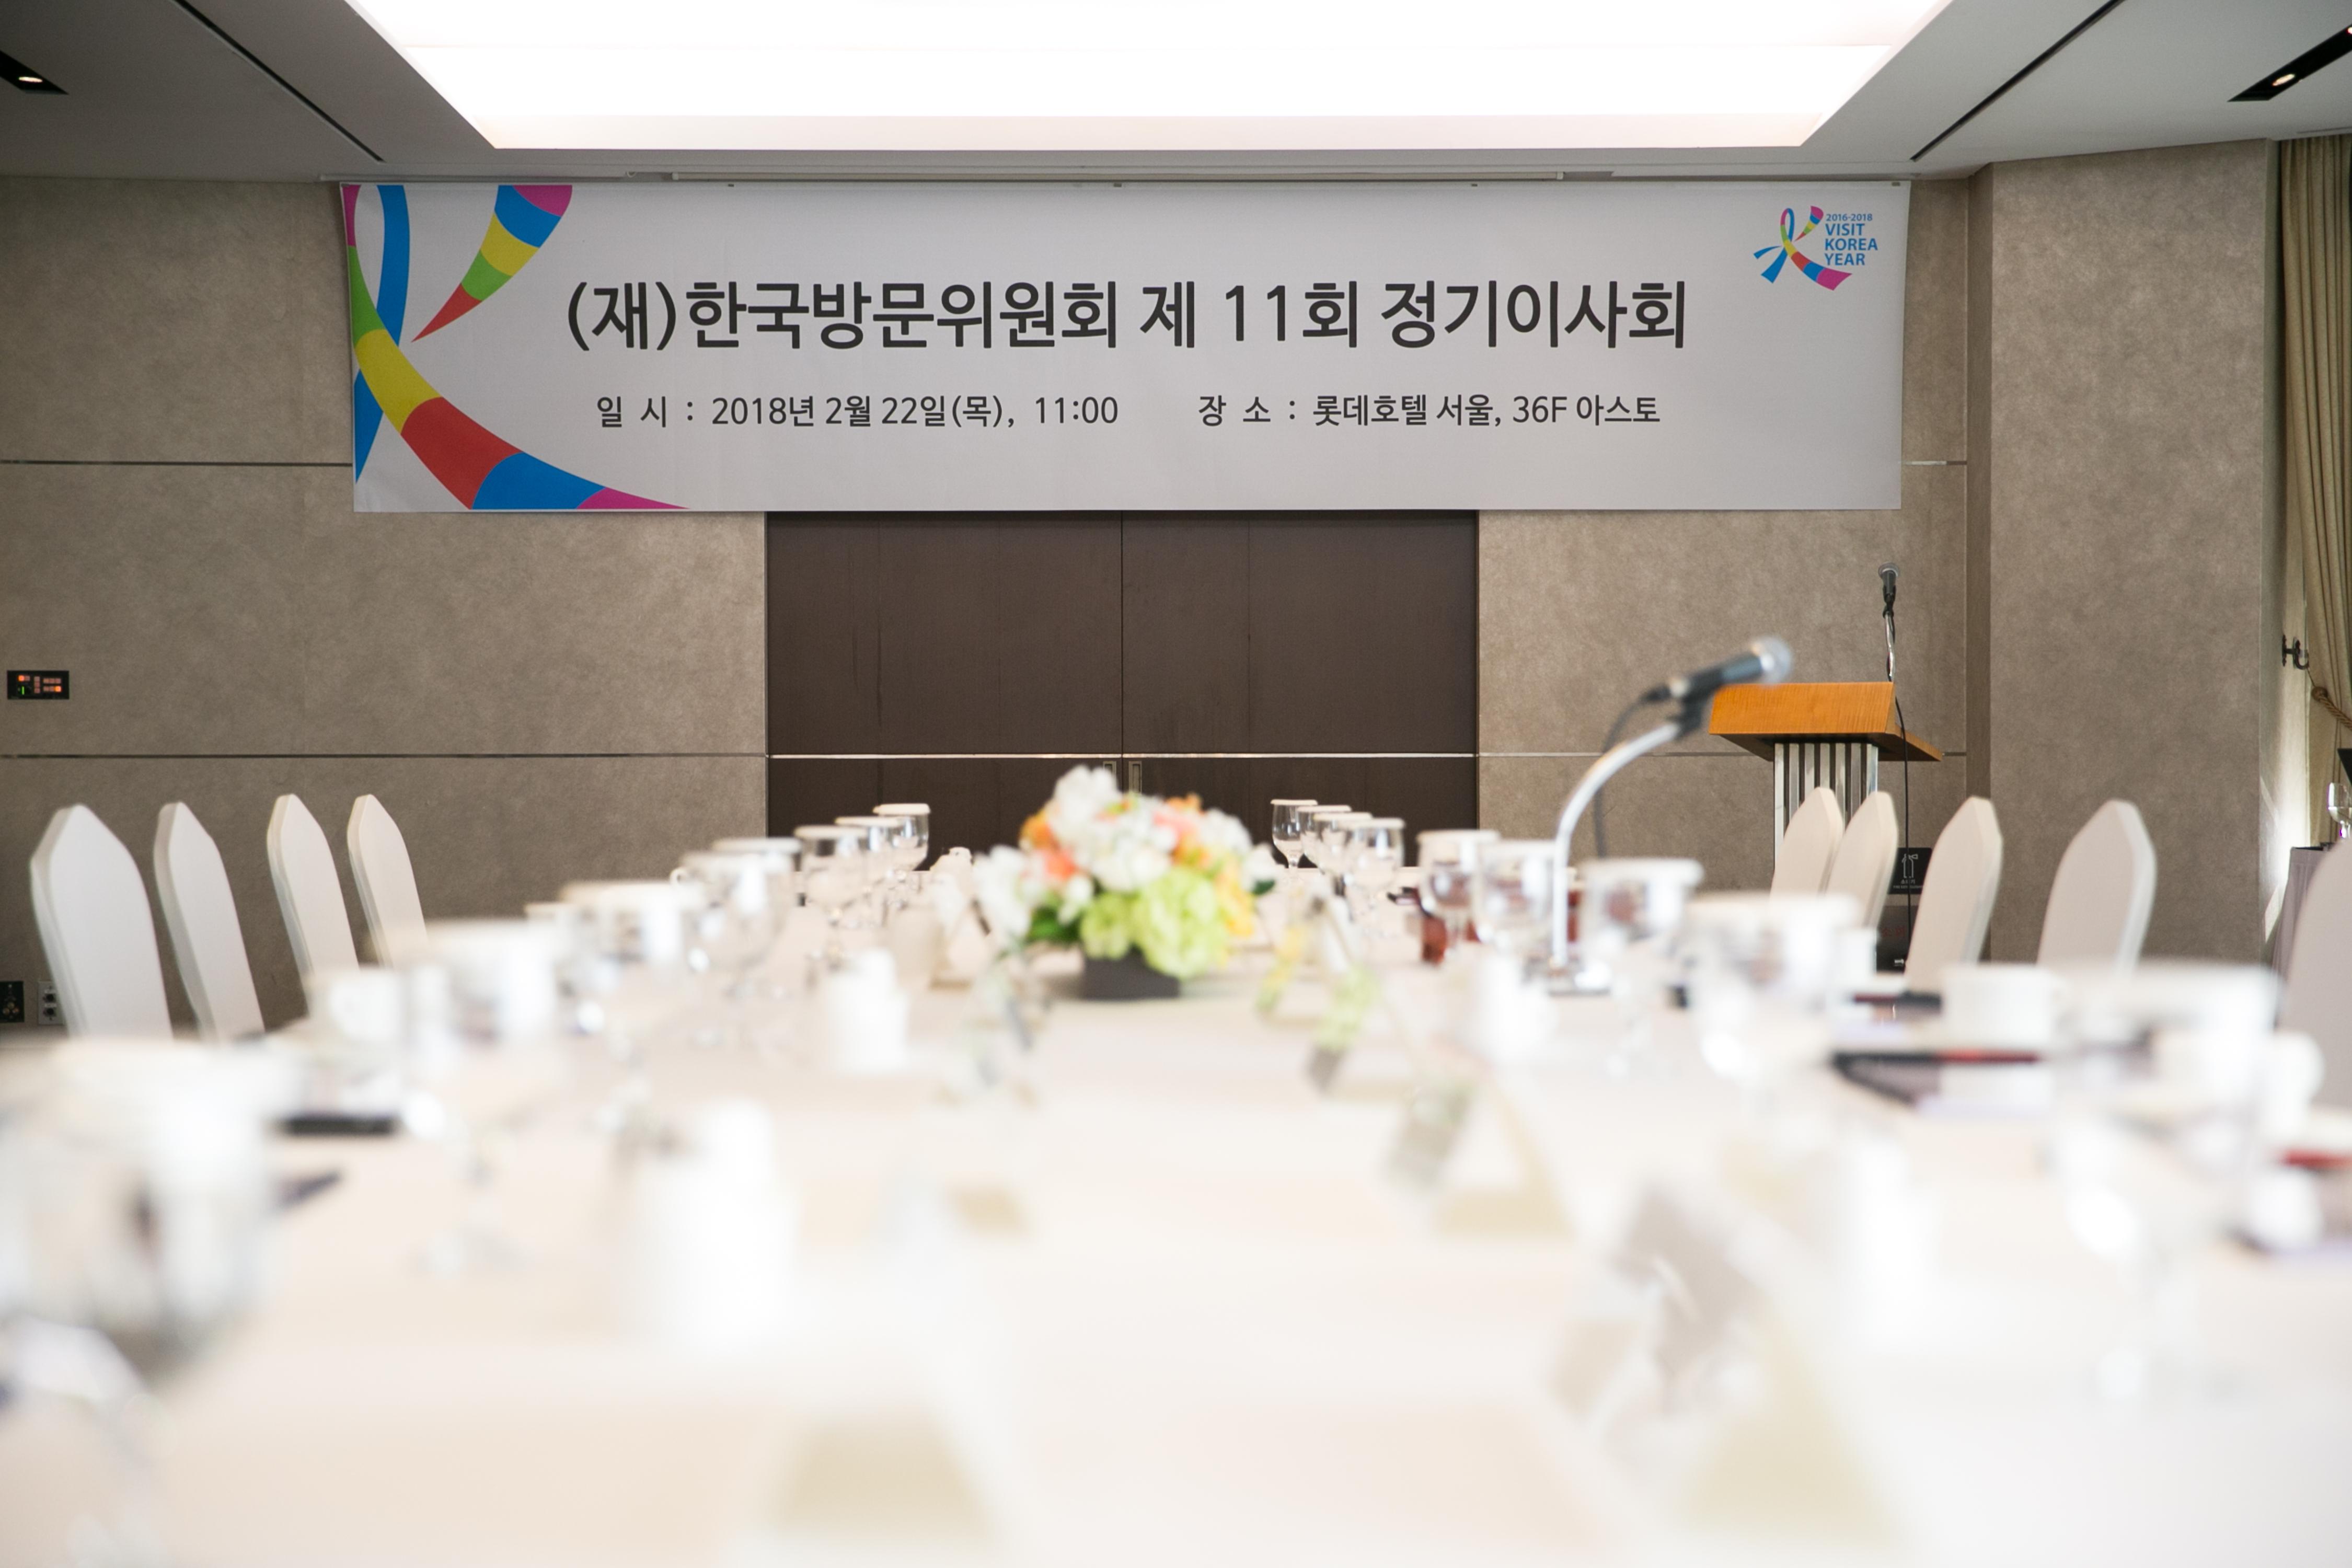 한국방문위원회 제11회 정기 이사회 개최